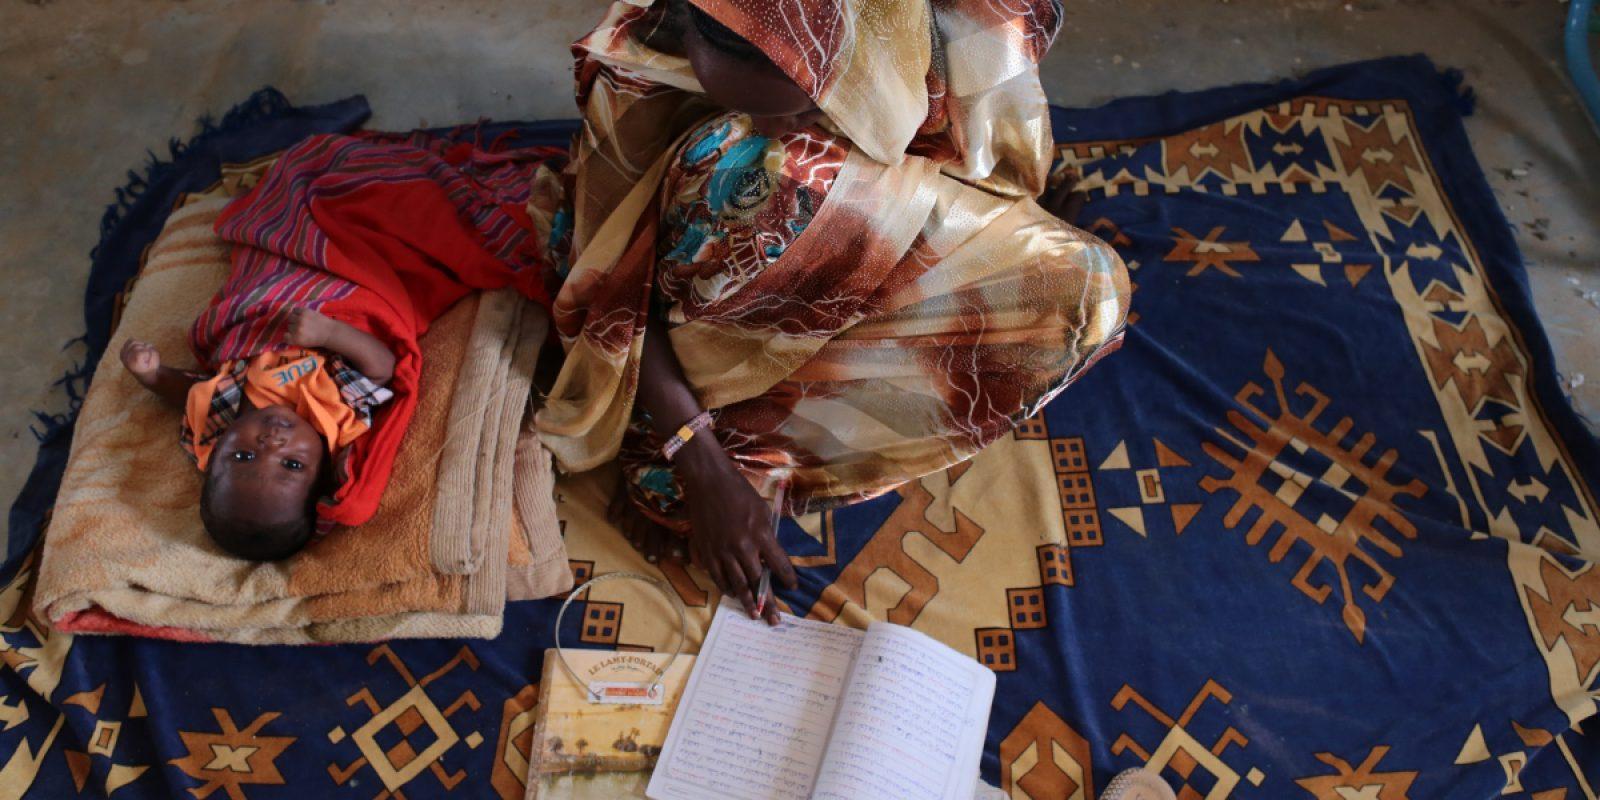 Noura estudia con su bebé a su lado. (Sergi Camara)